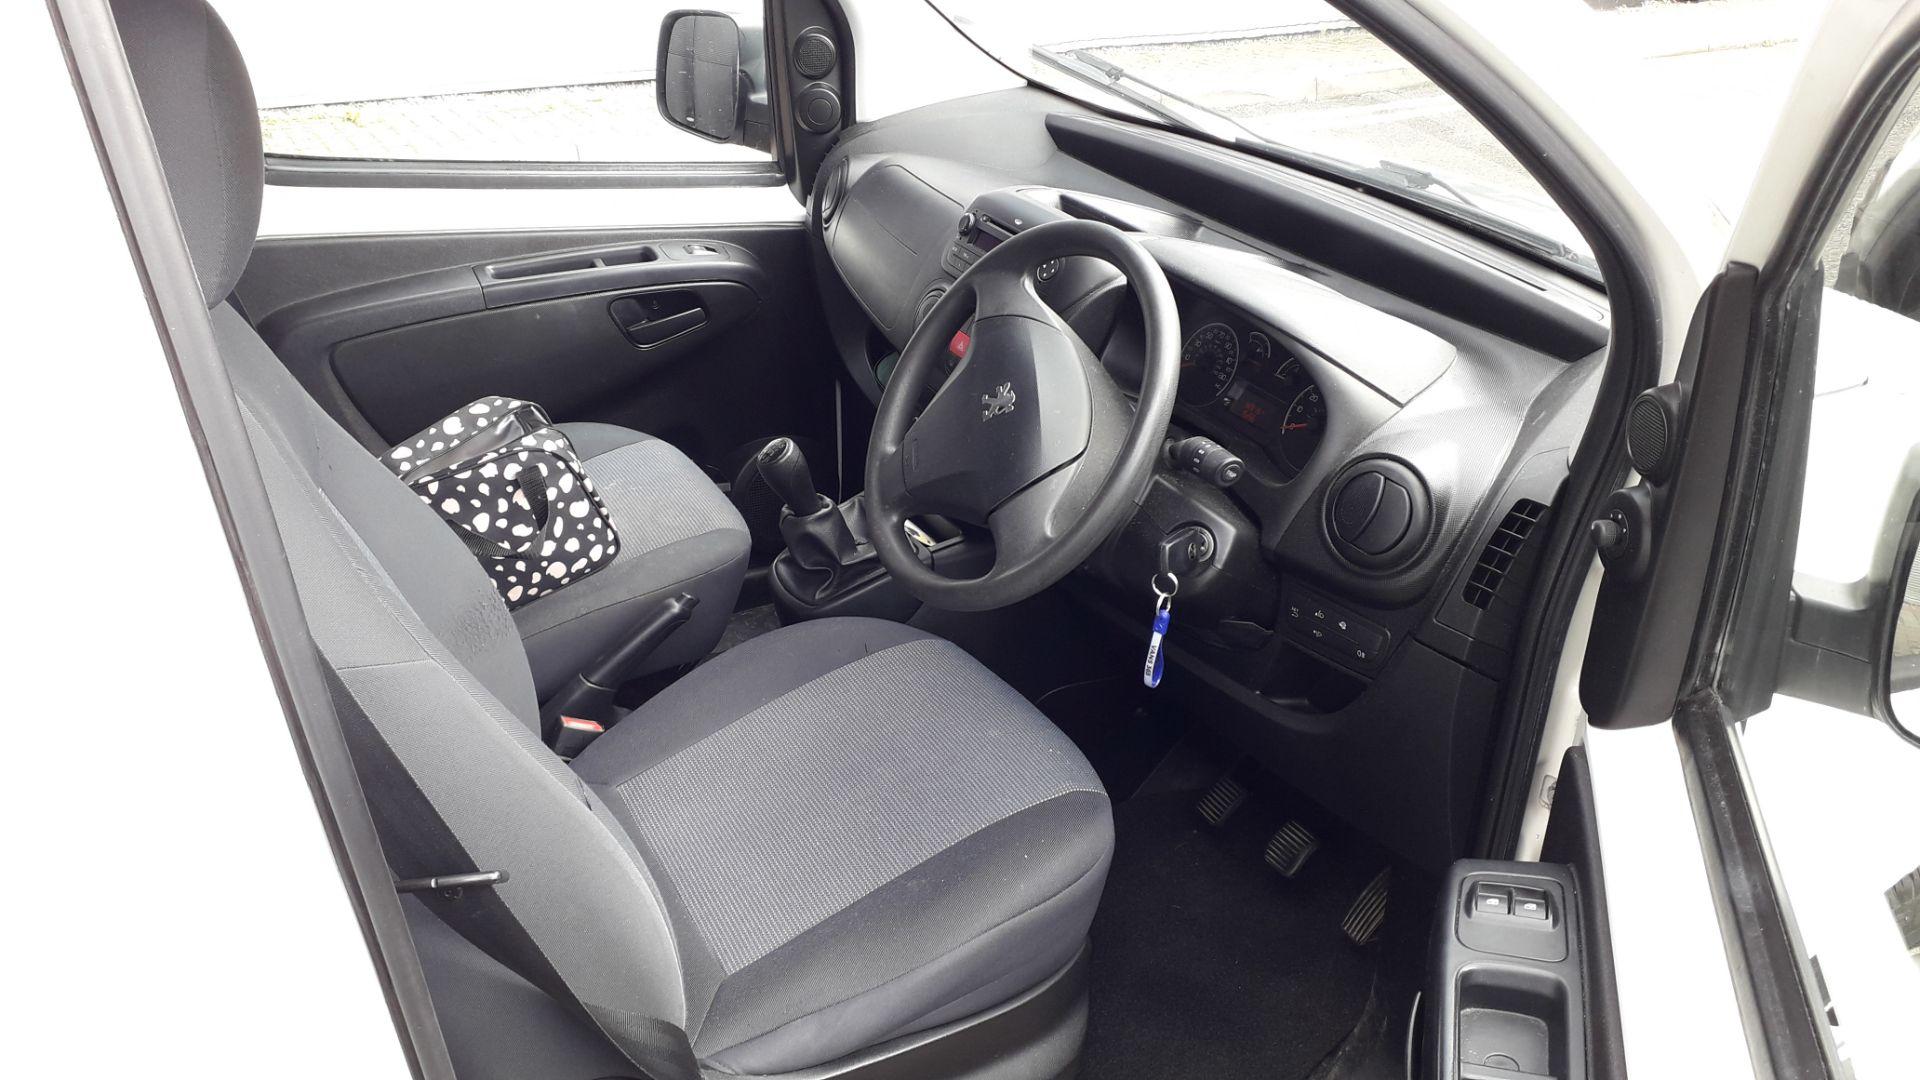 Peugeot Bipper 1.3 Hdi 75 S Diesel Van, Registrati - Image 11 of 13